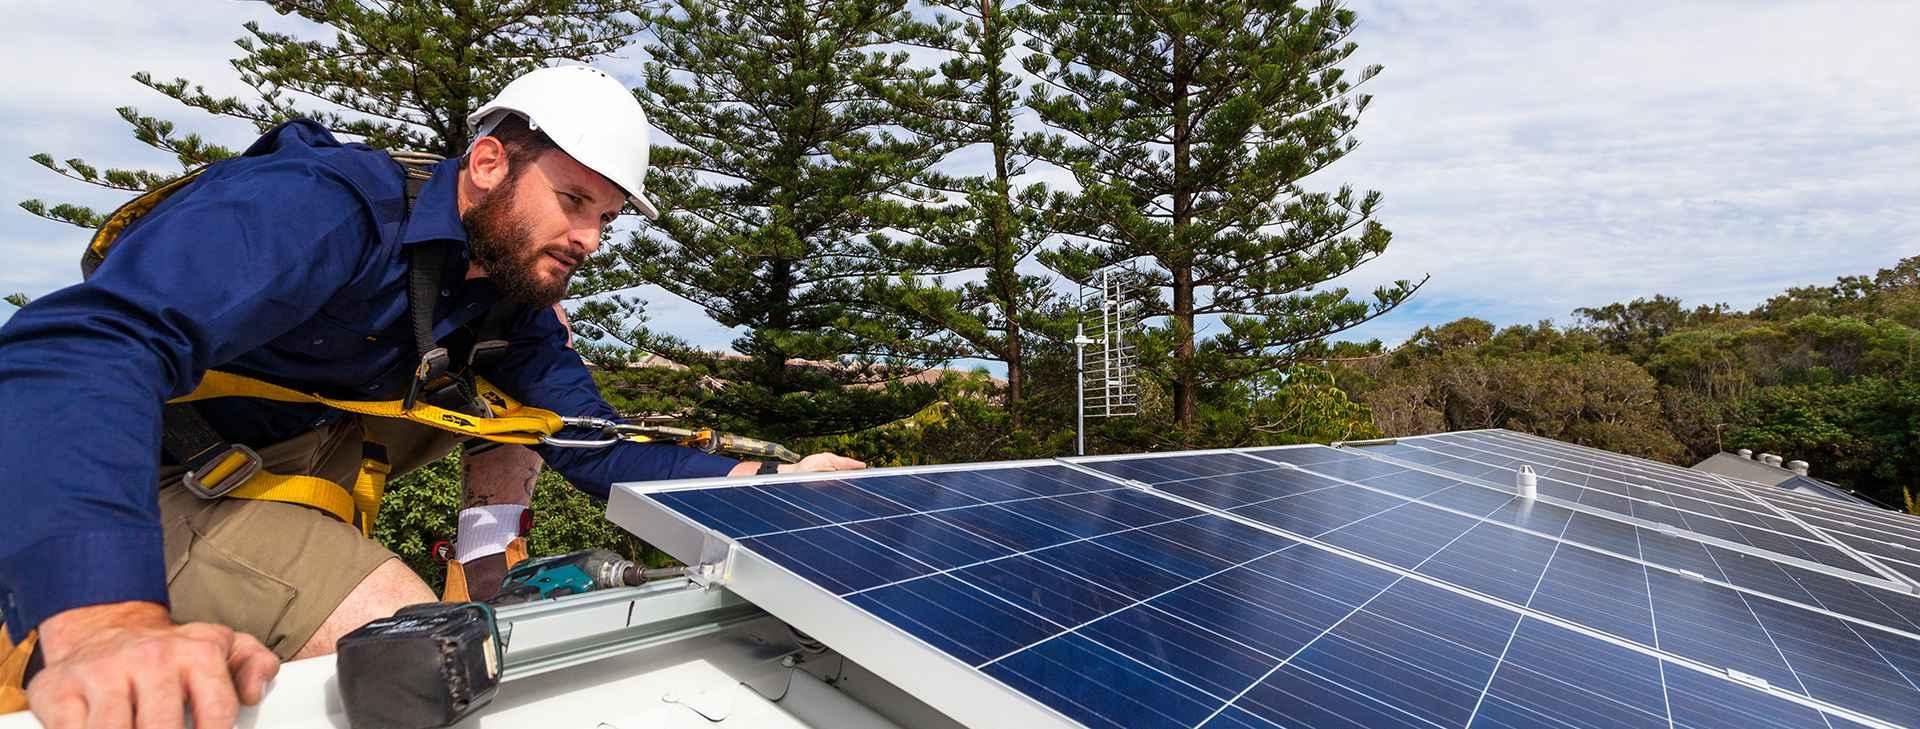 shutterstock_345605207 Solar Panels